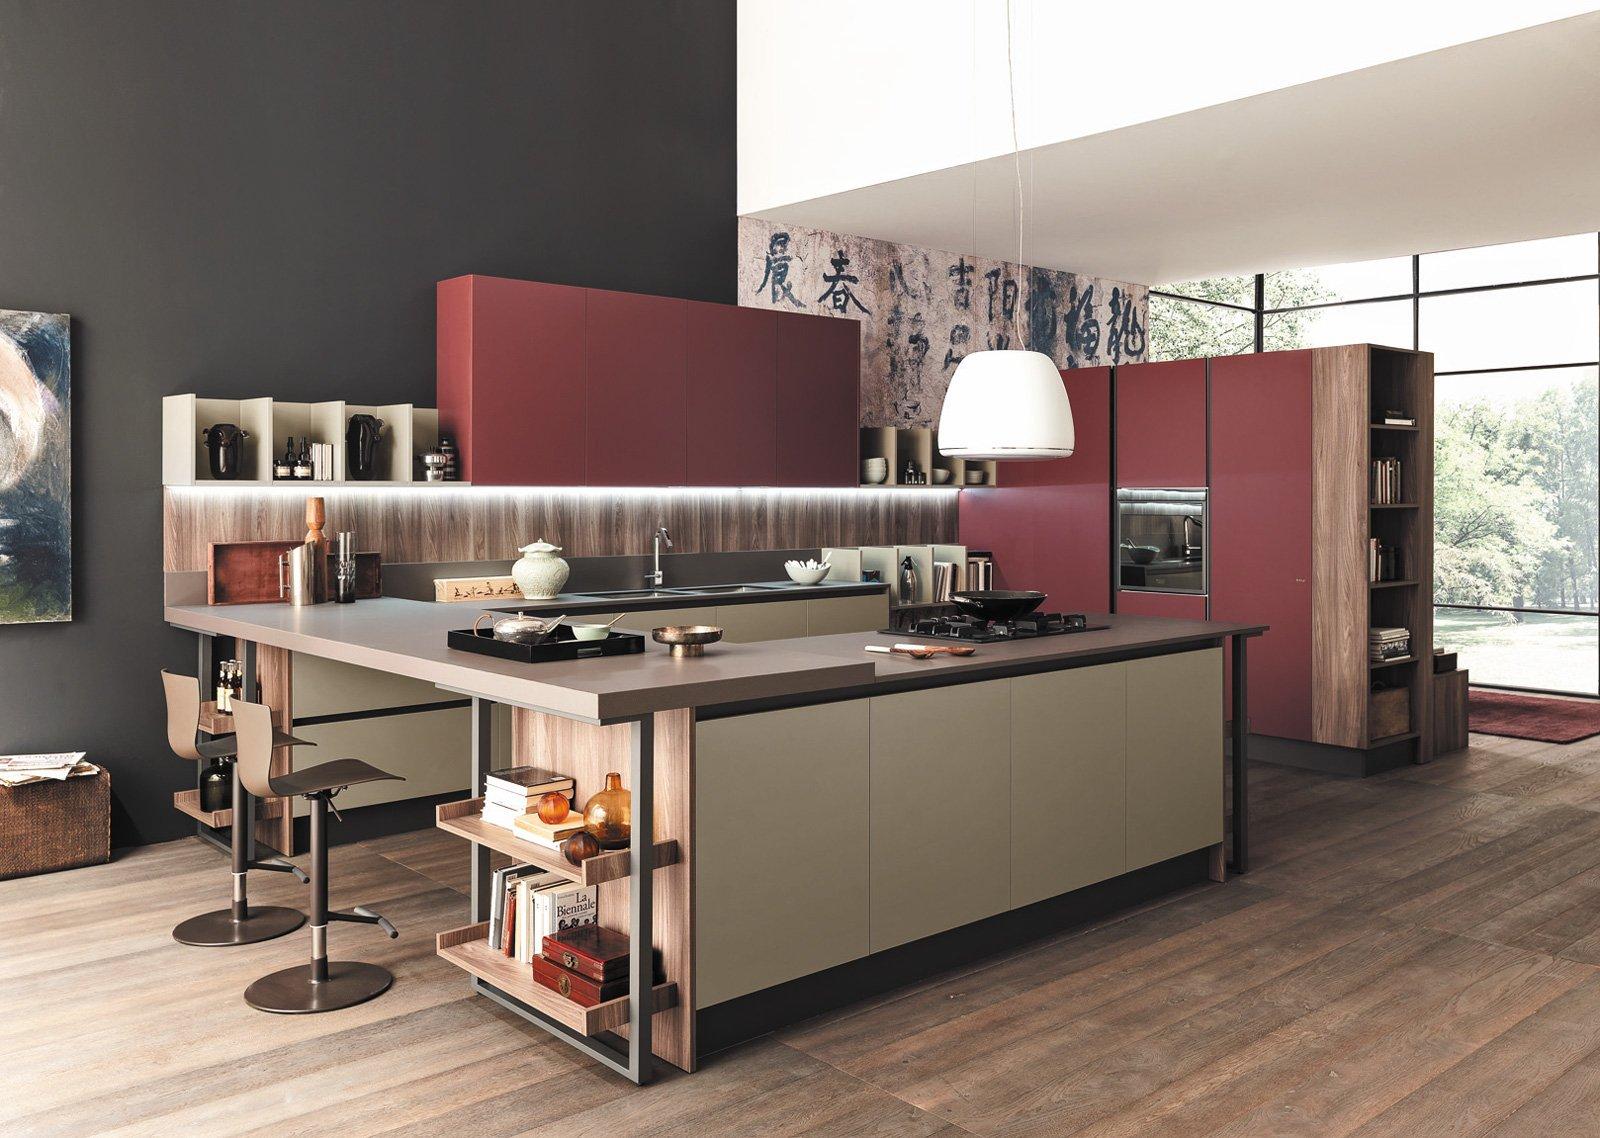 cucine-living con vani a giorno - cose di casa - Soggiorno Febal 2